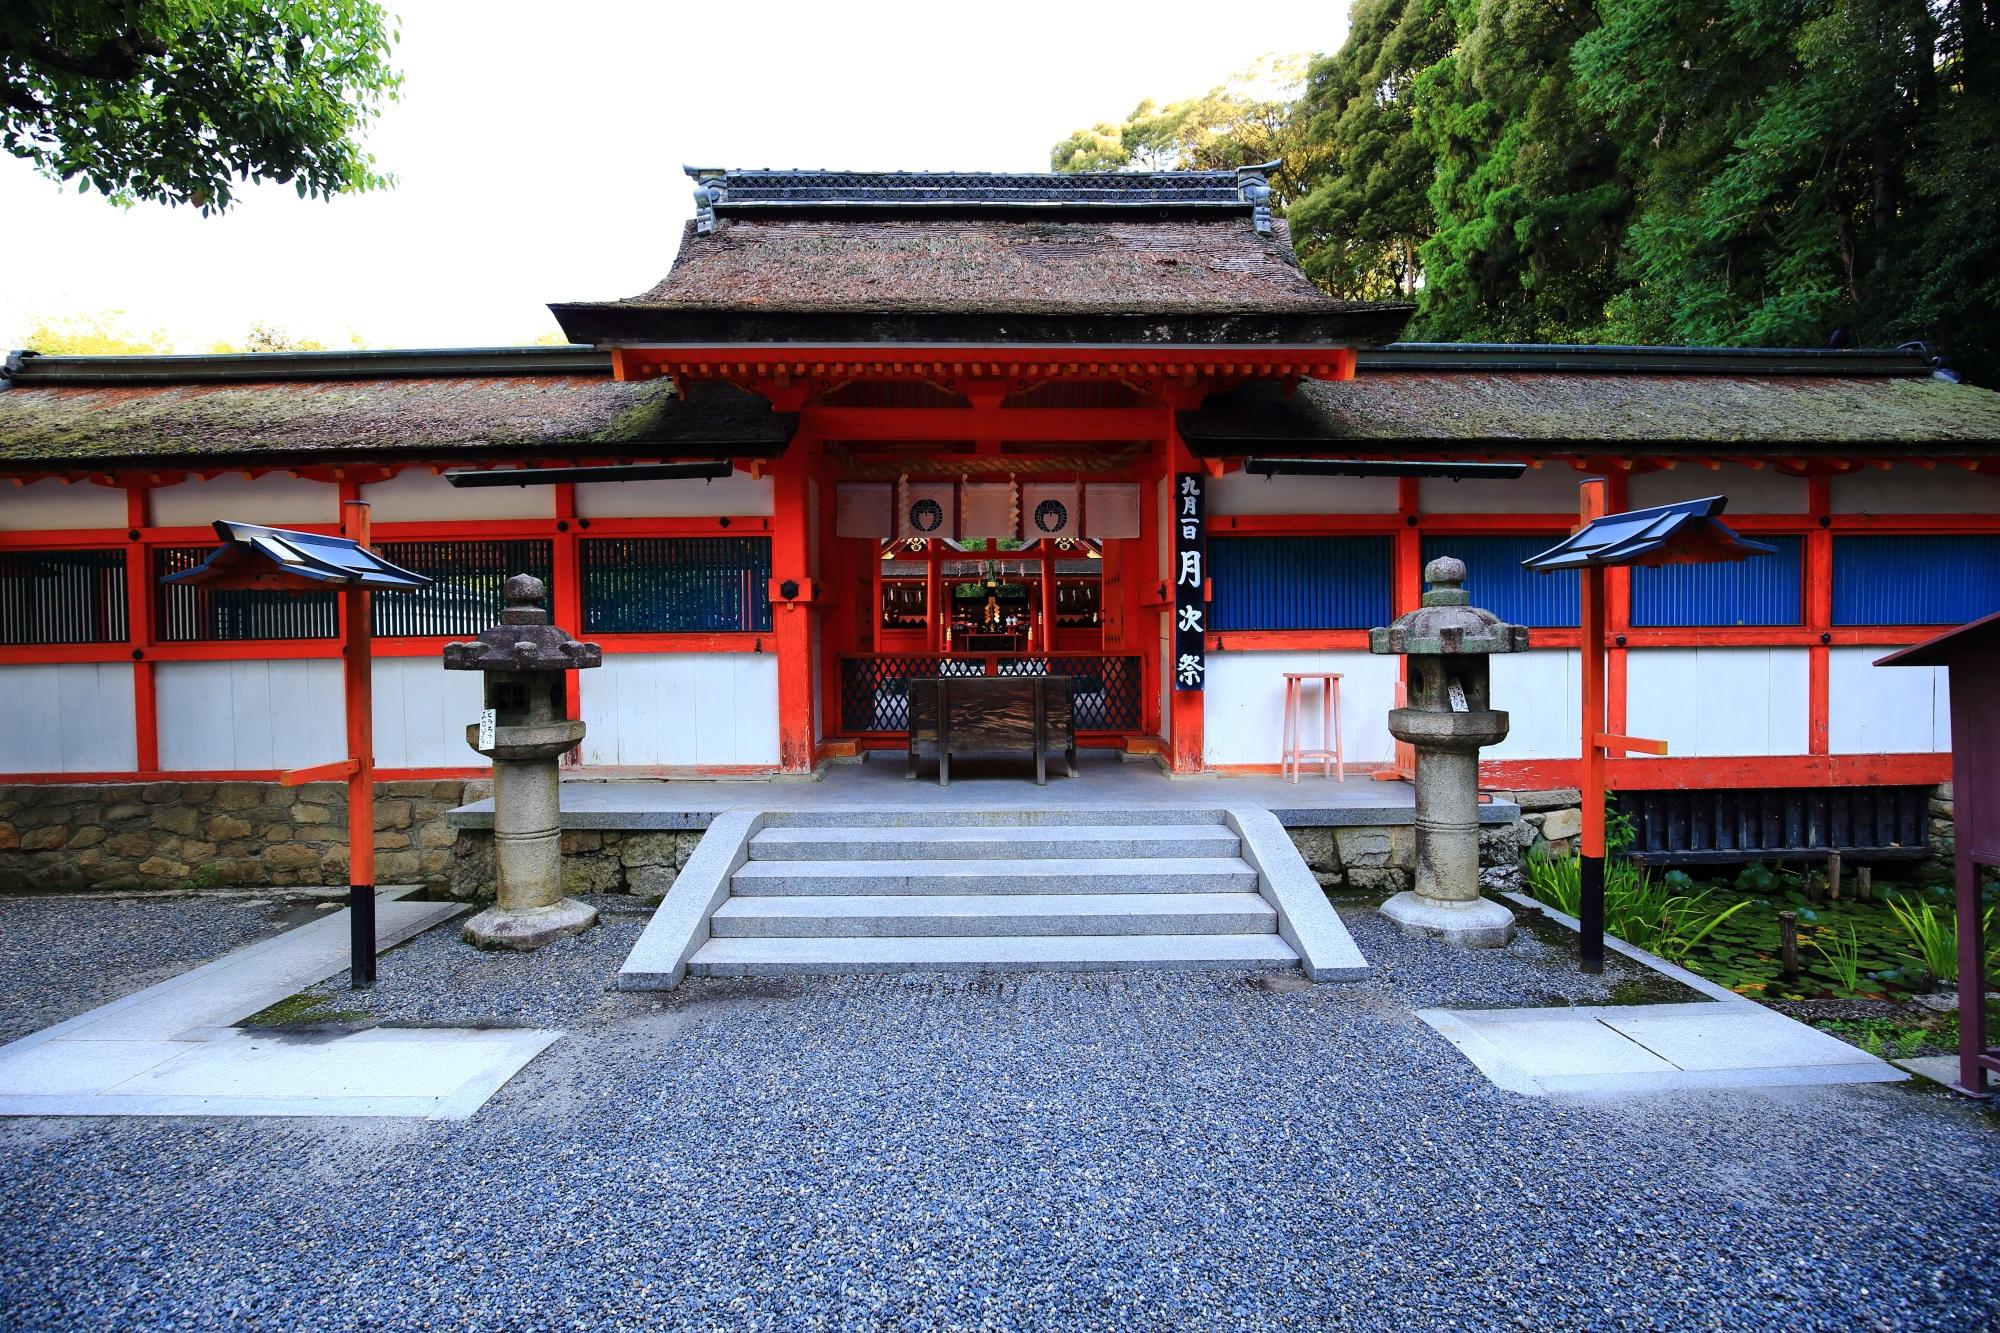 白壁に朱色の上品な門と珍しい青色の格子の吉田神社の本宮